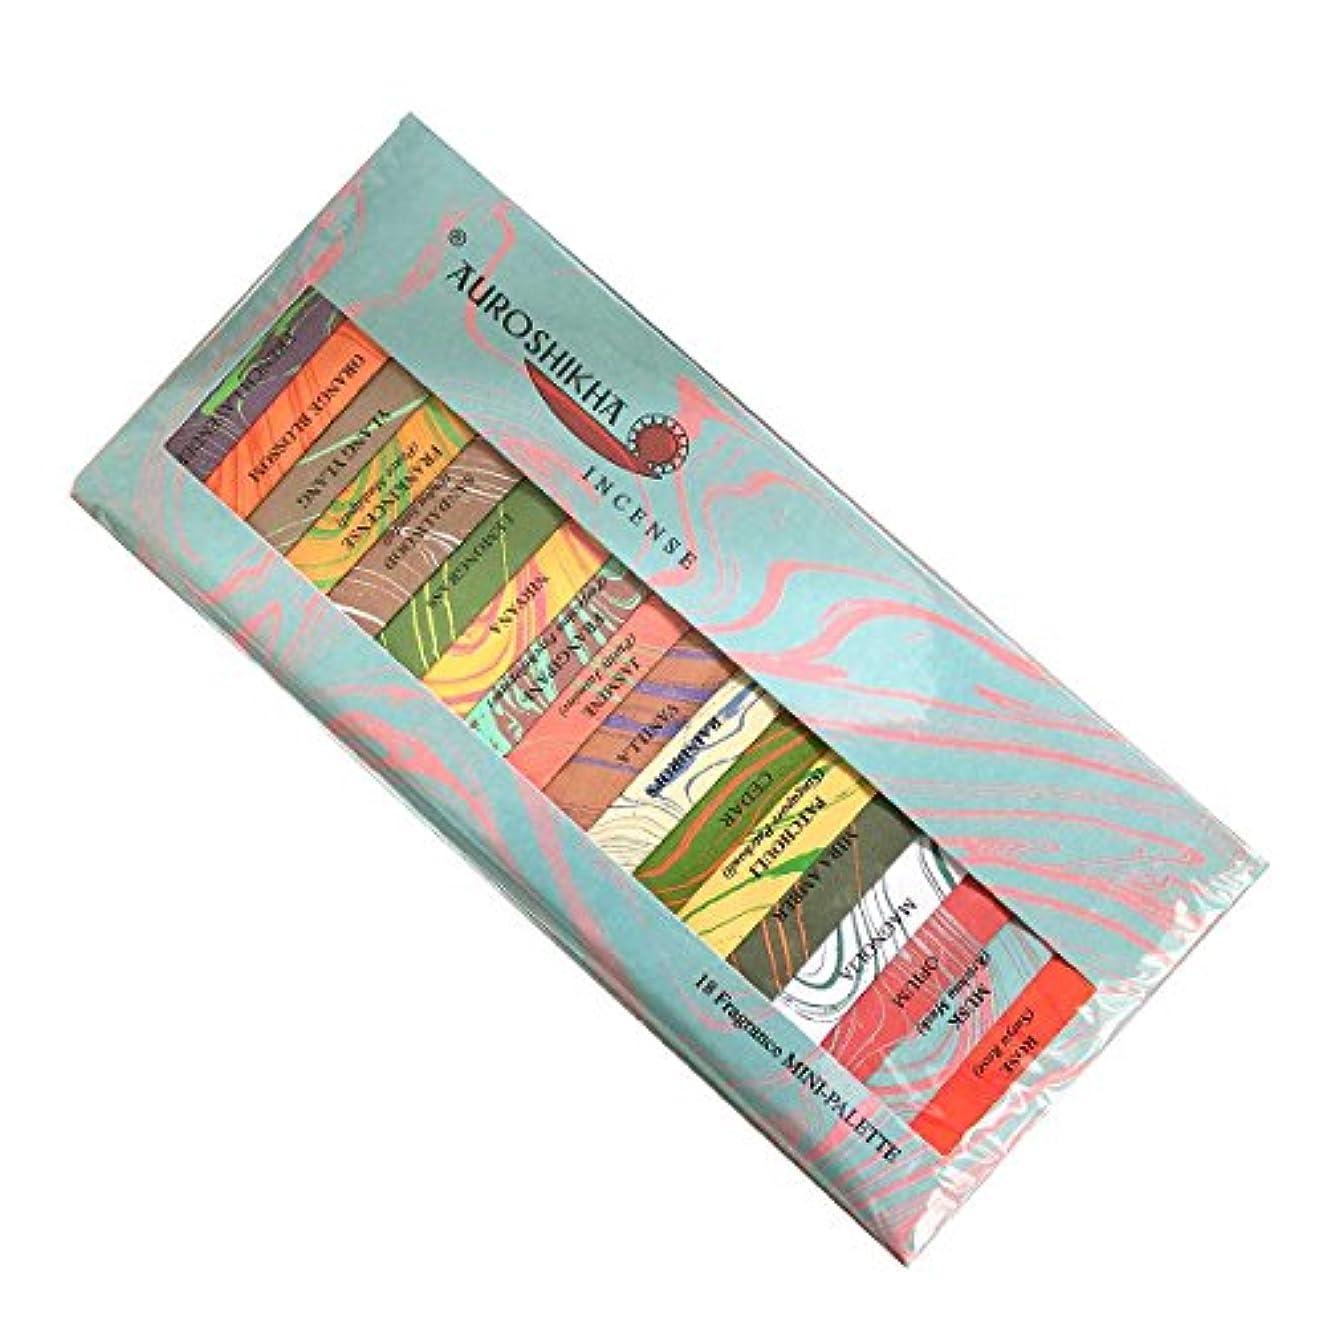 ビデオ節約不適auroshikha (オウロシカ) マーブルパッケージ ミニパレット18種類の香りアソート スティック !